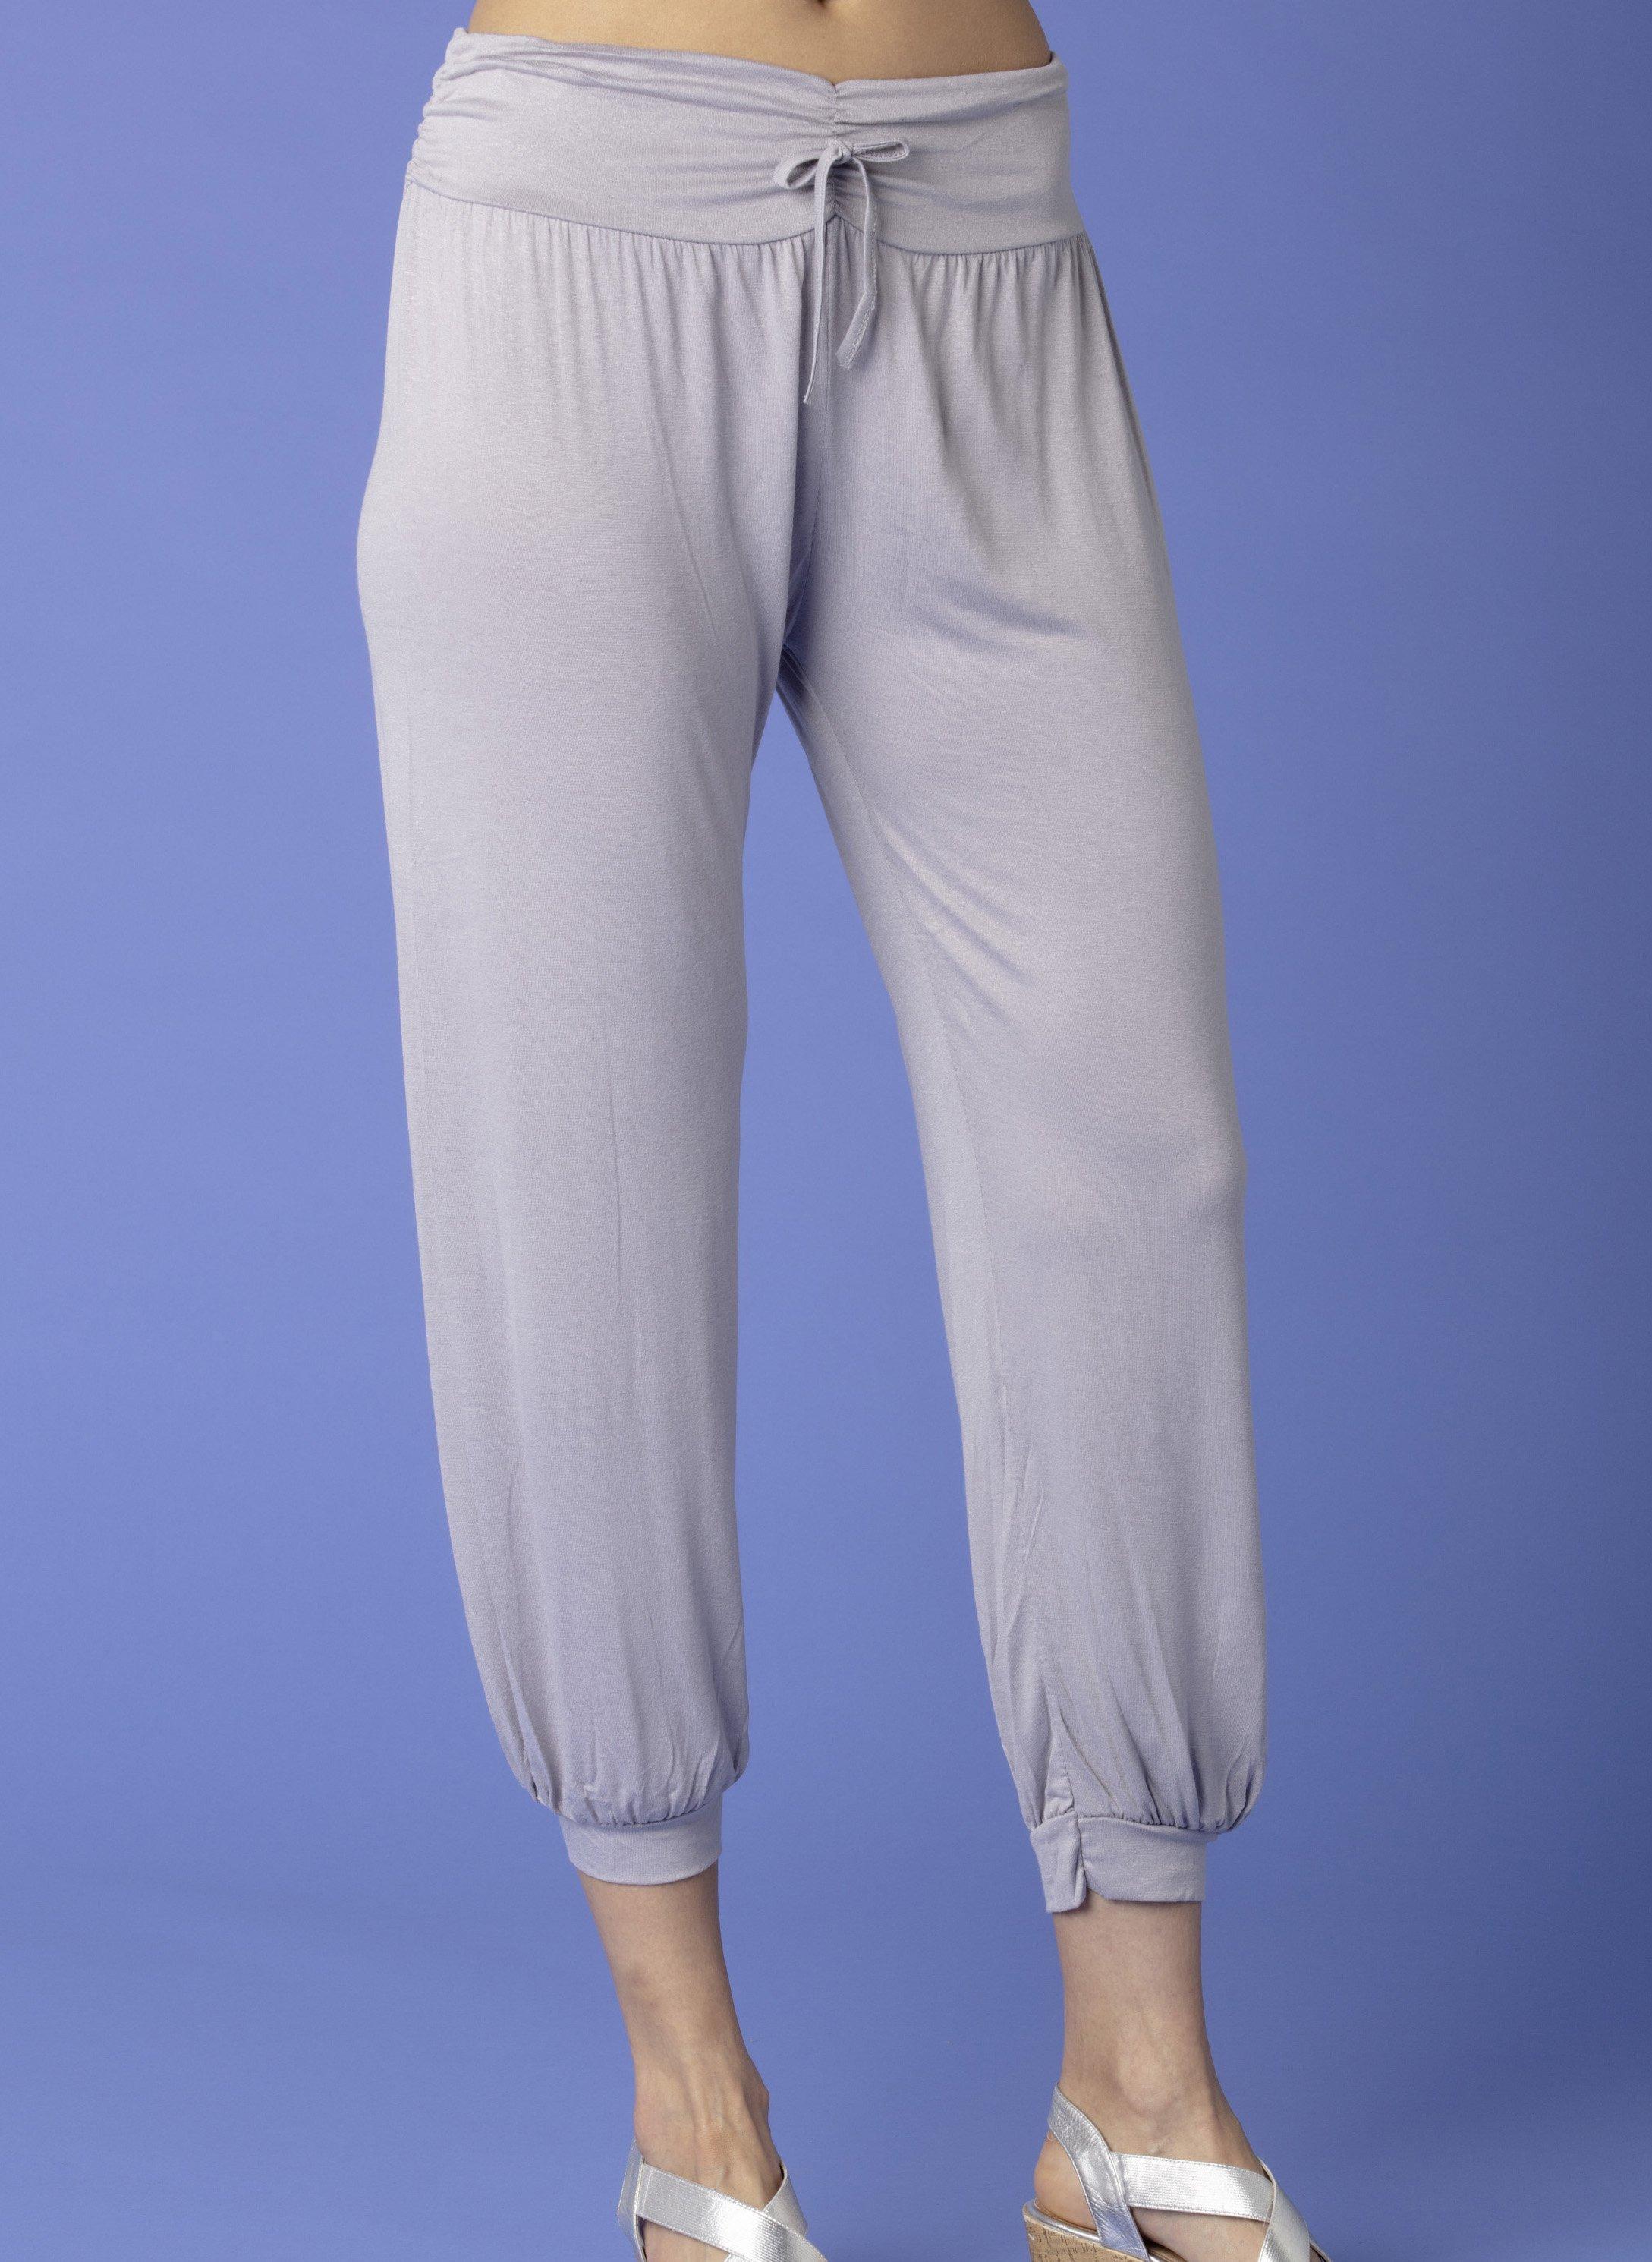 D-Pantalon,Jersey argent